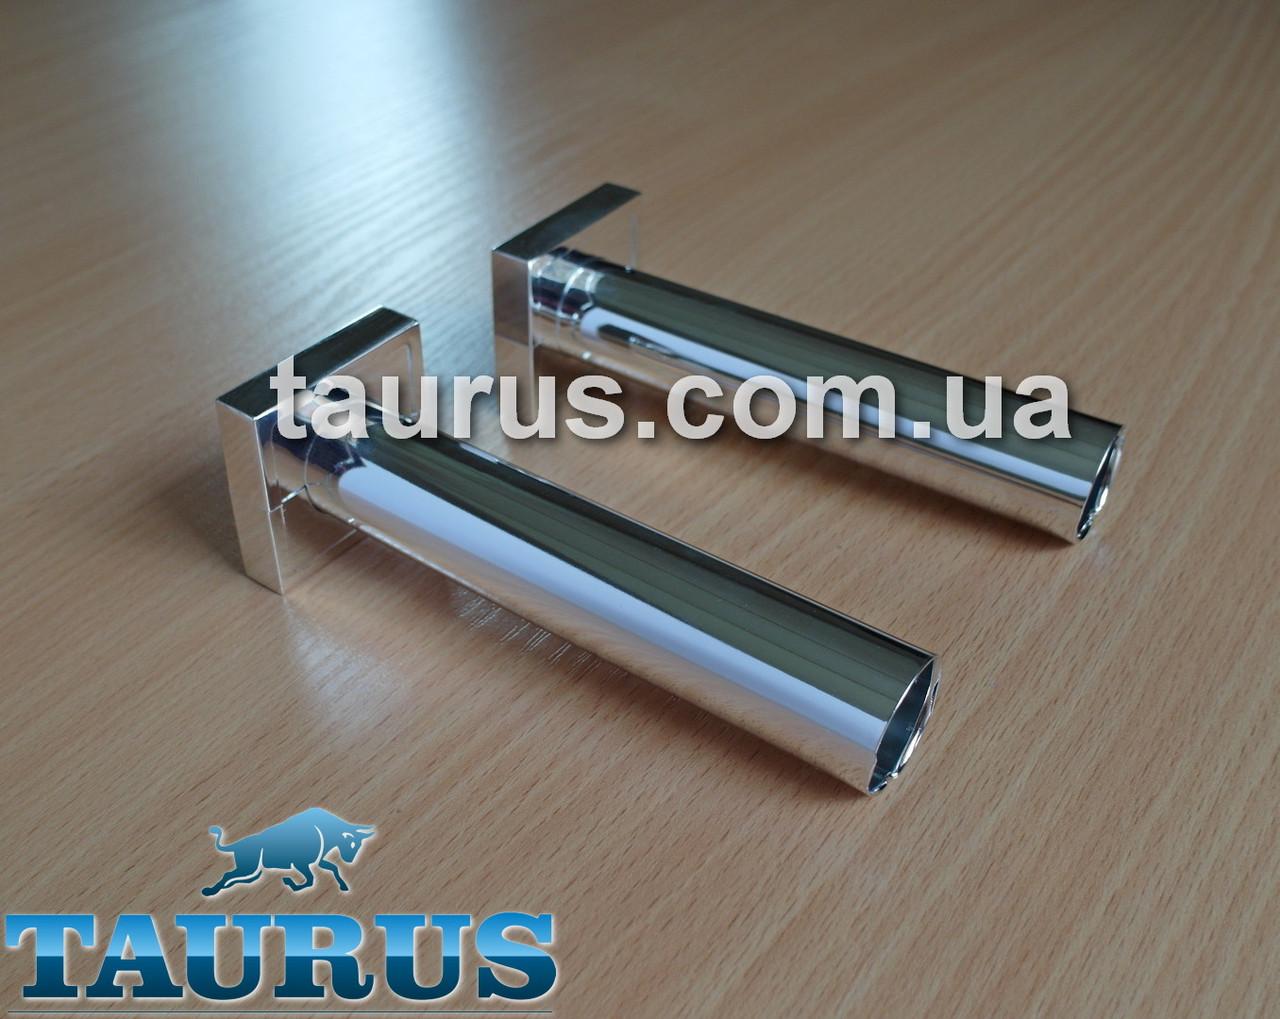 Разборный маскировочный комплект трубки с фланцем для скрытия труб подключения и провода от электроТЭНа, хром